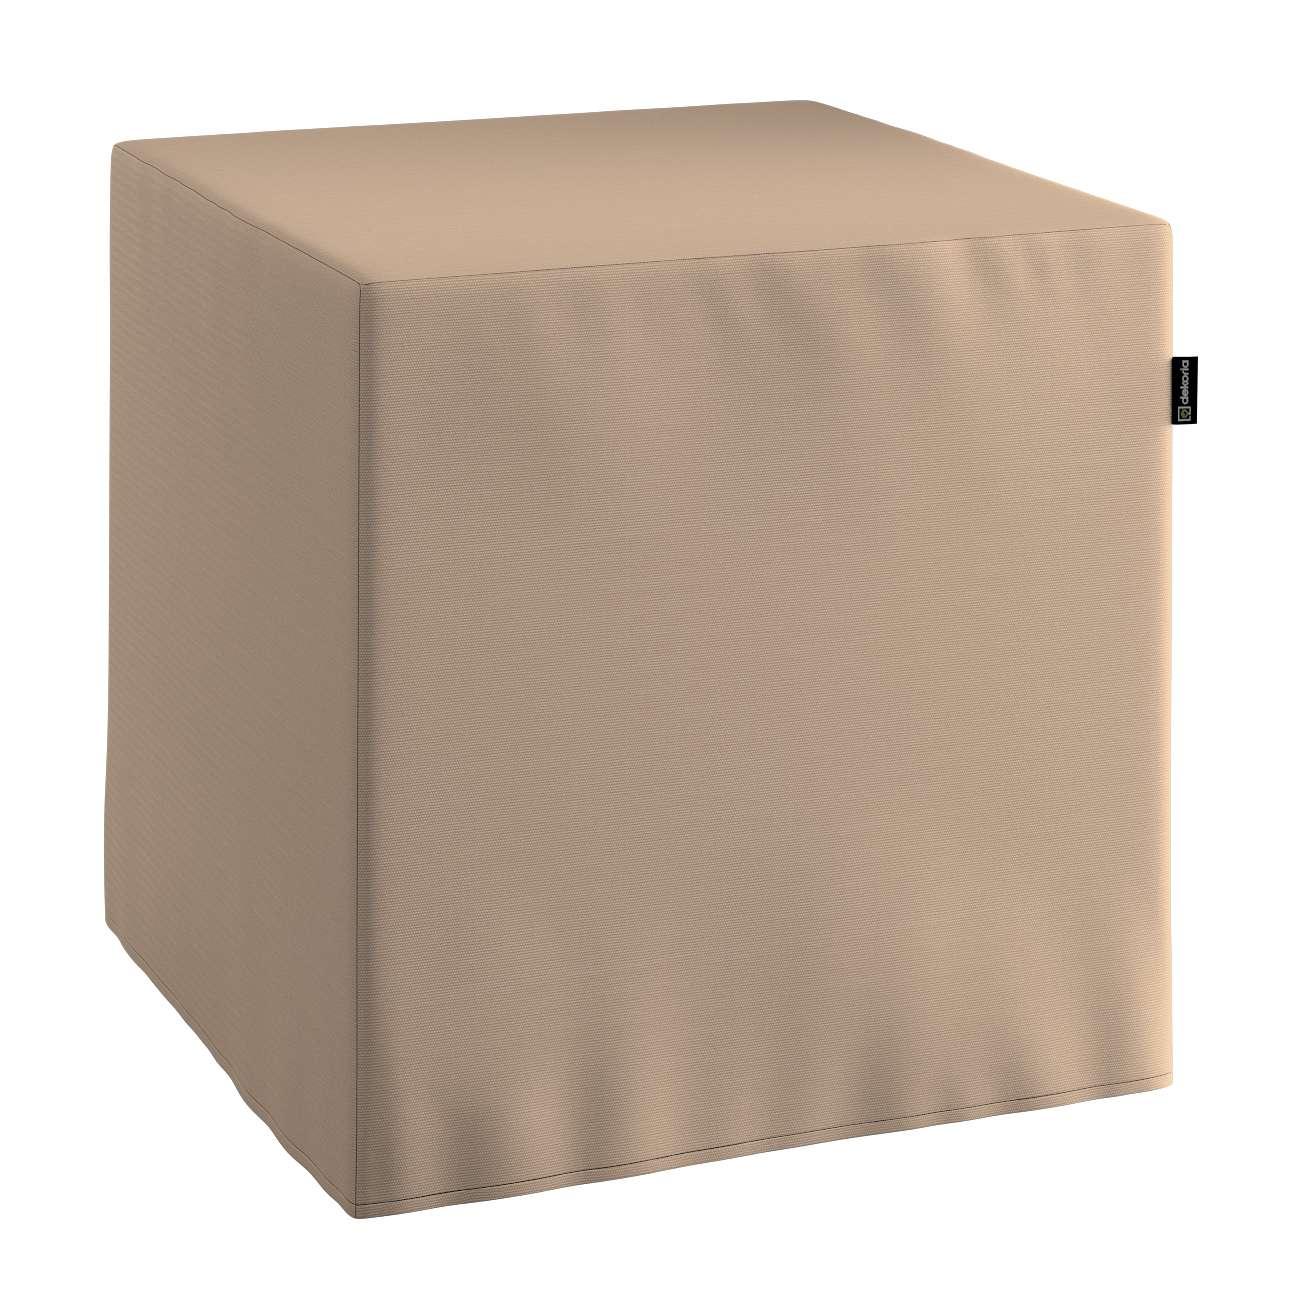 Pokrowiec na pufę kostke kostka 40x40x40 cm w kolekcji Cotton Panama, tkanina: 702-28